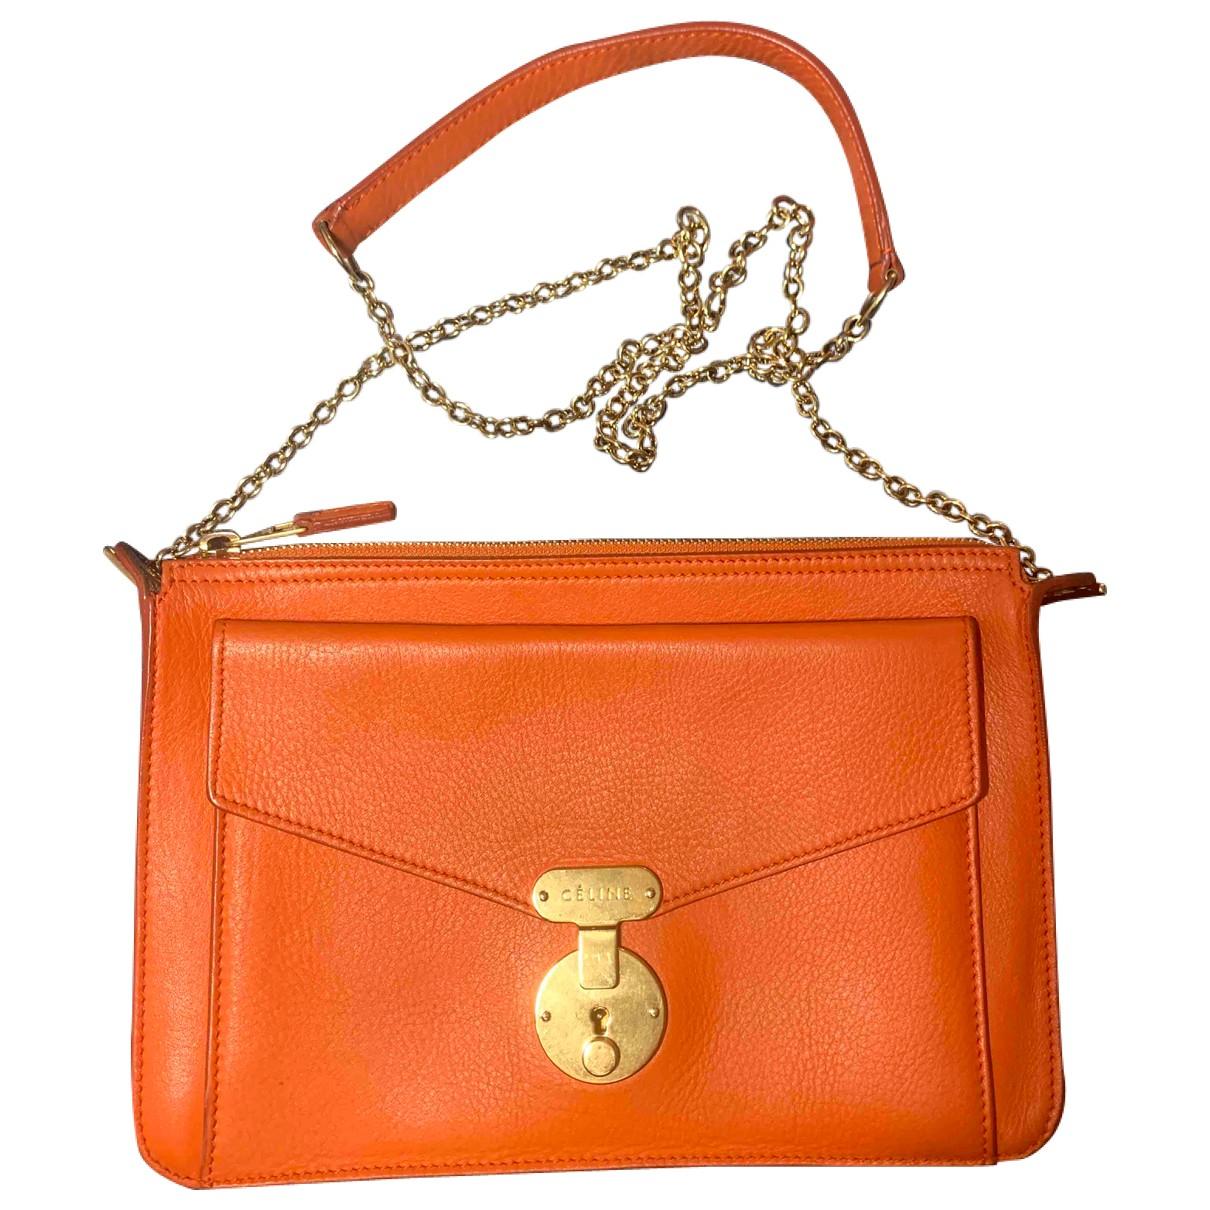 Celine - Sac a main   pour femme en cuir - orange